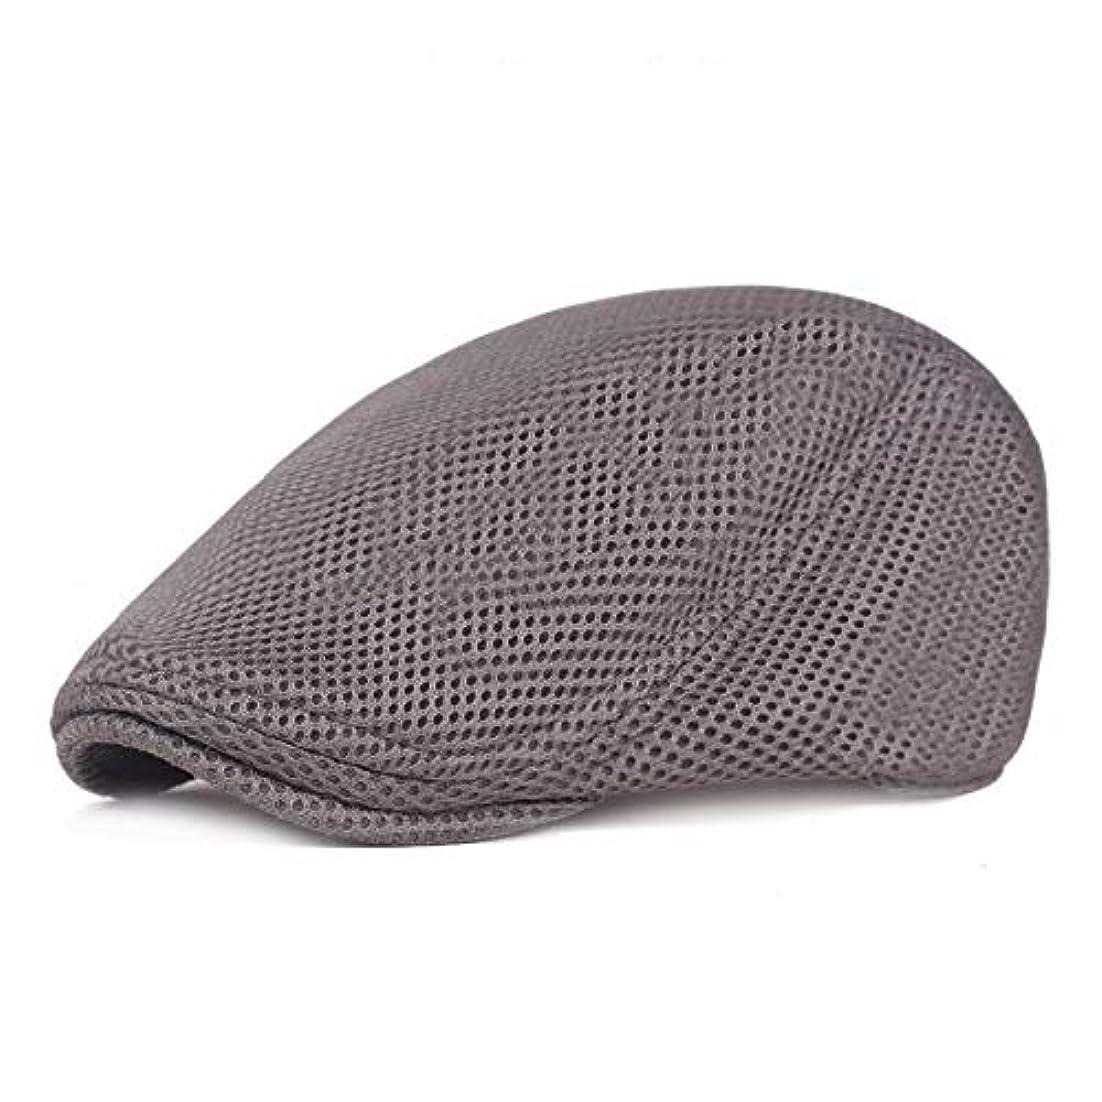 シャトルオペラ側メッシュ ハンチング キャップ 夏用 綿 ベレー帽 調整可能ワークキャップ アウトドアキャップ 男女兼用